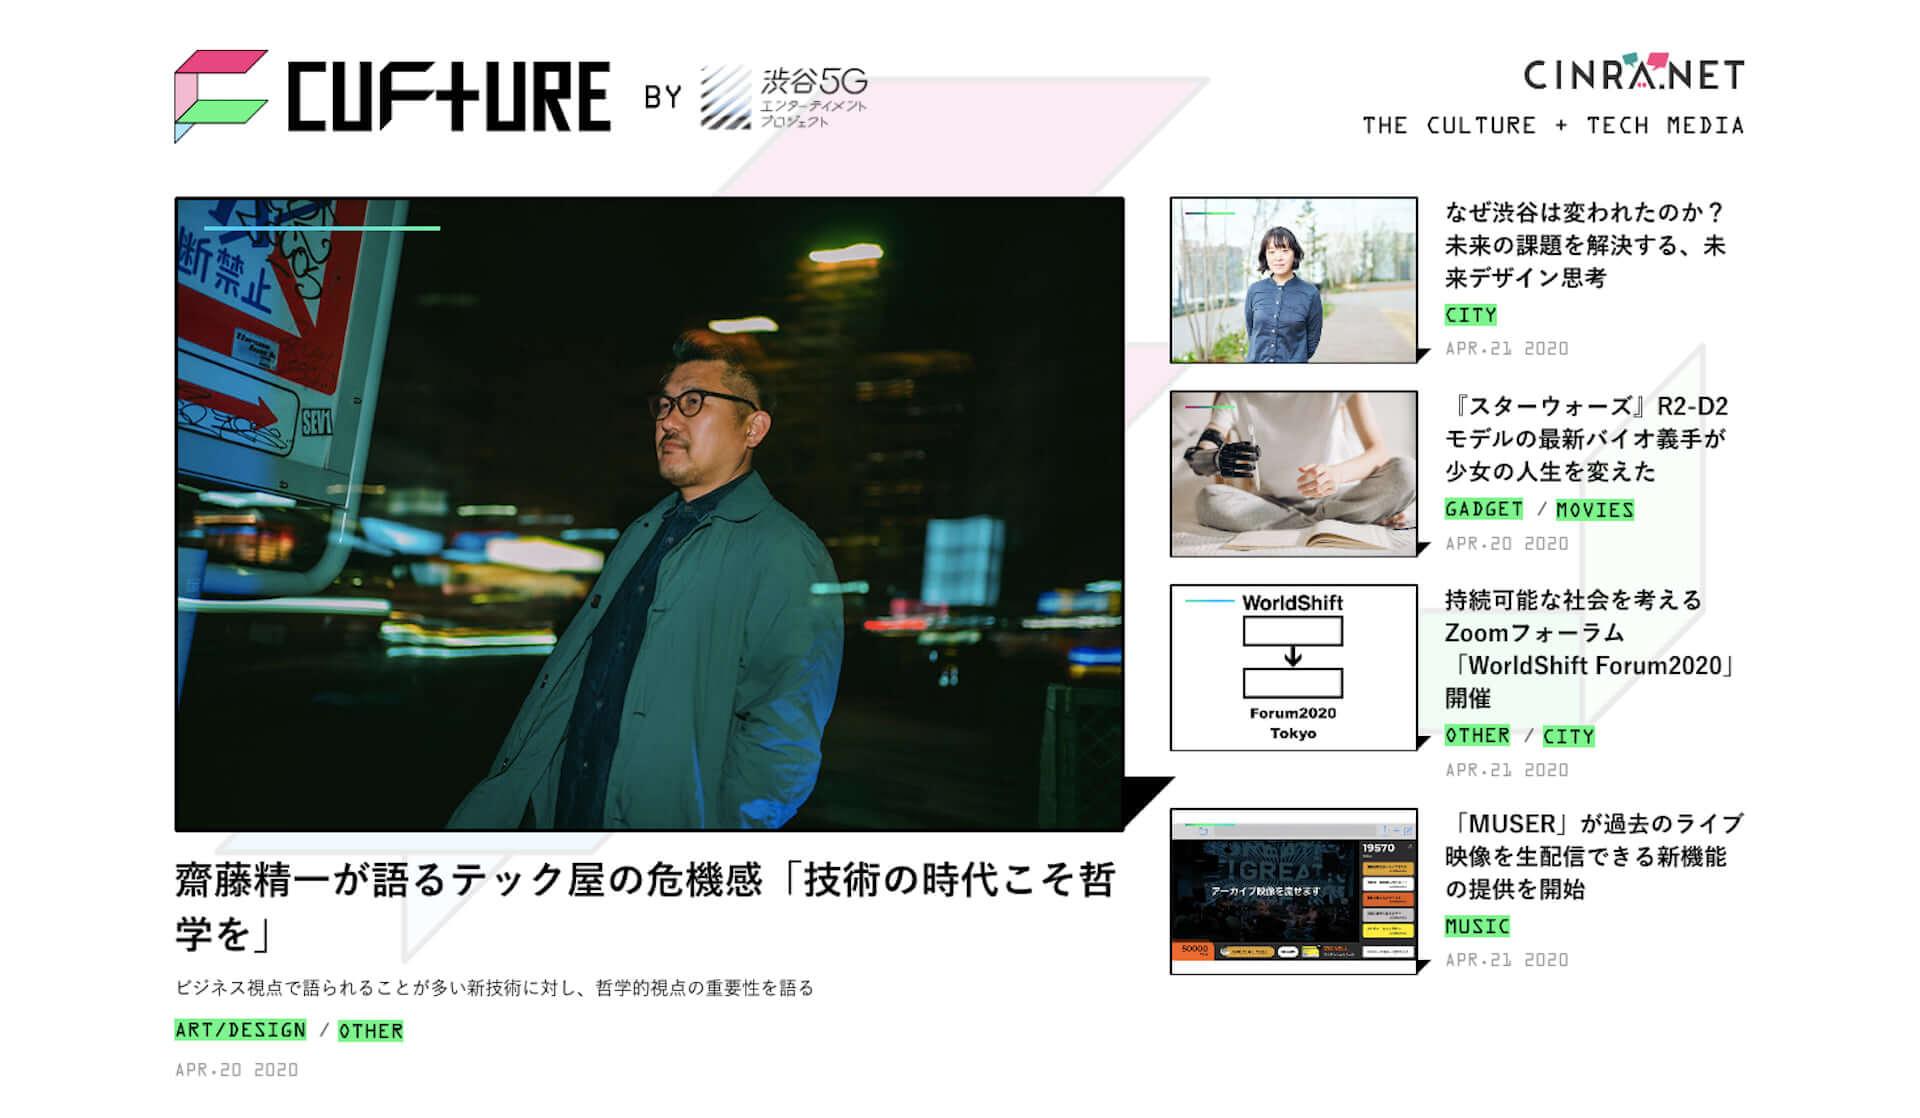 CINRAと渋谷5GエンターテイメントプロジェクトがWEBメディア「CUFtURE」を始動|初回特集にRhizomatiks齋藤精一へのインタビューも art200427_cufture_cinra_4-1920x1118